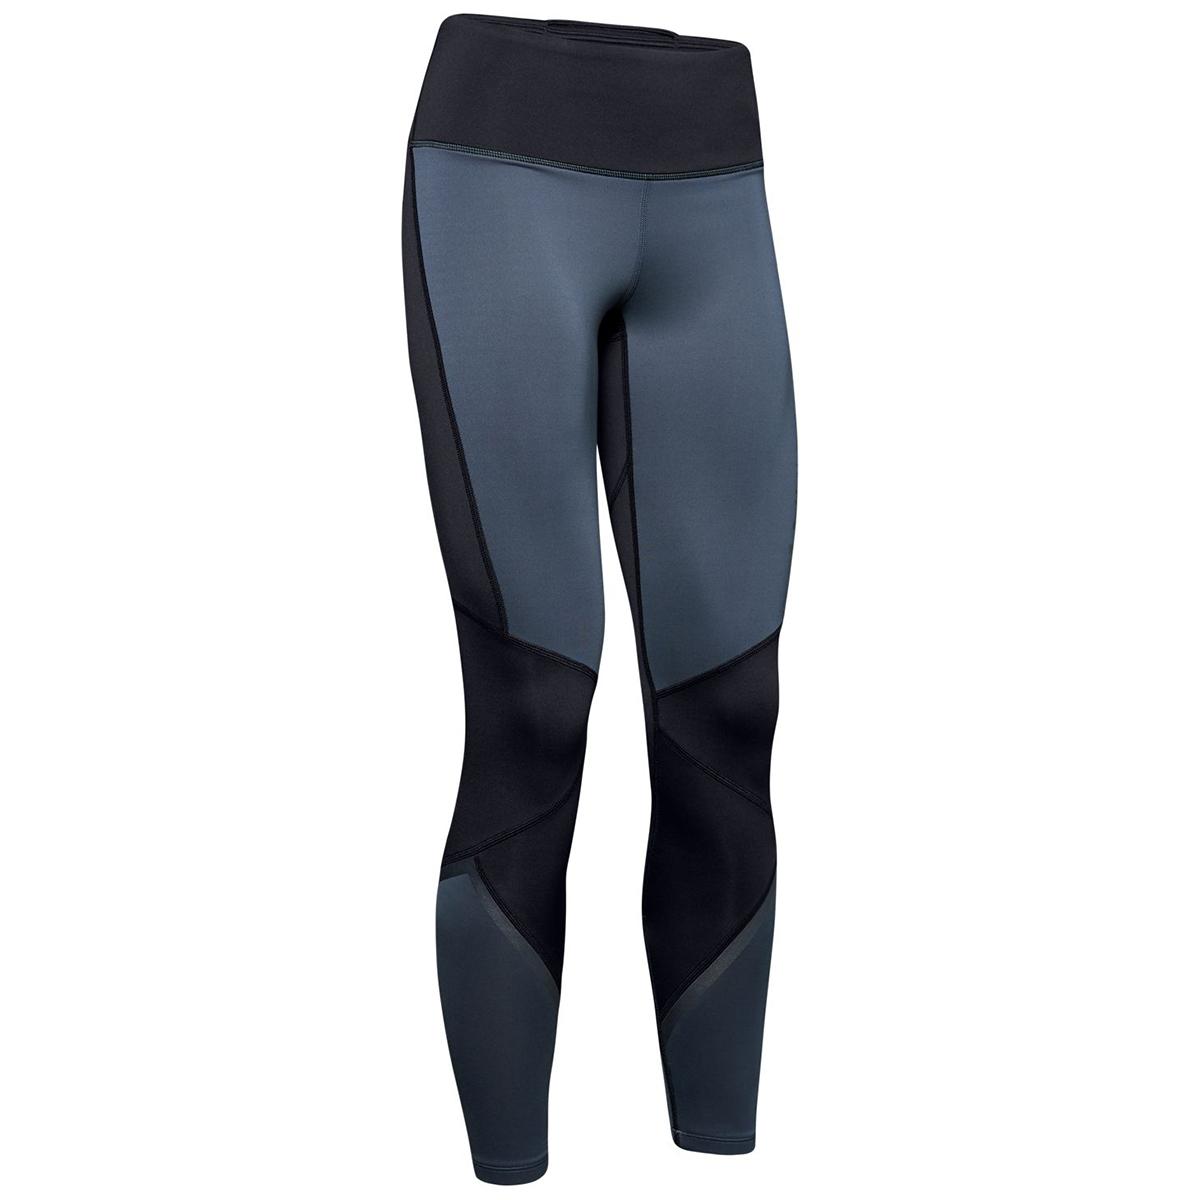 Under Armour Women's Coldgear Armour Hi-Rise Graphic Leggings - Black, S